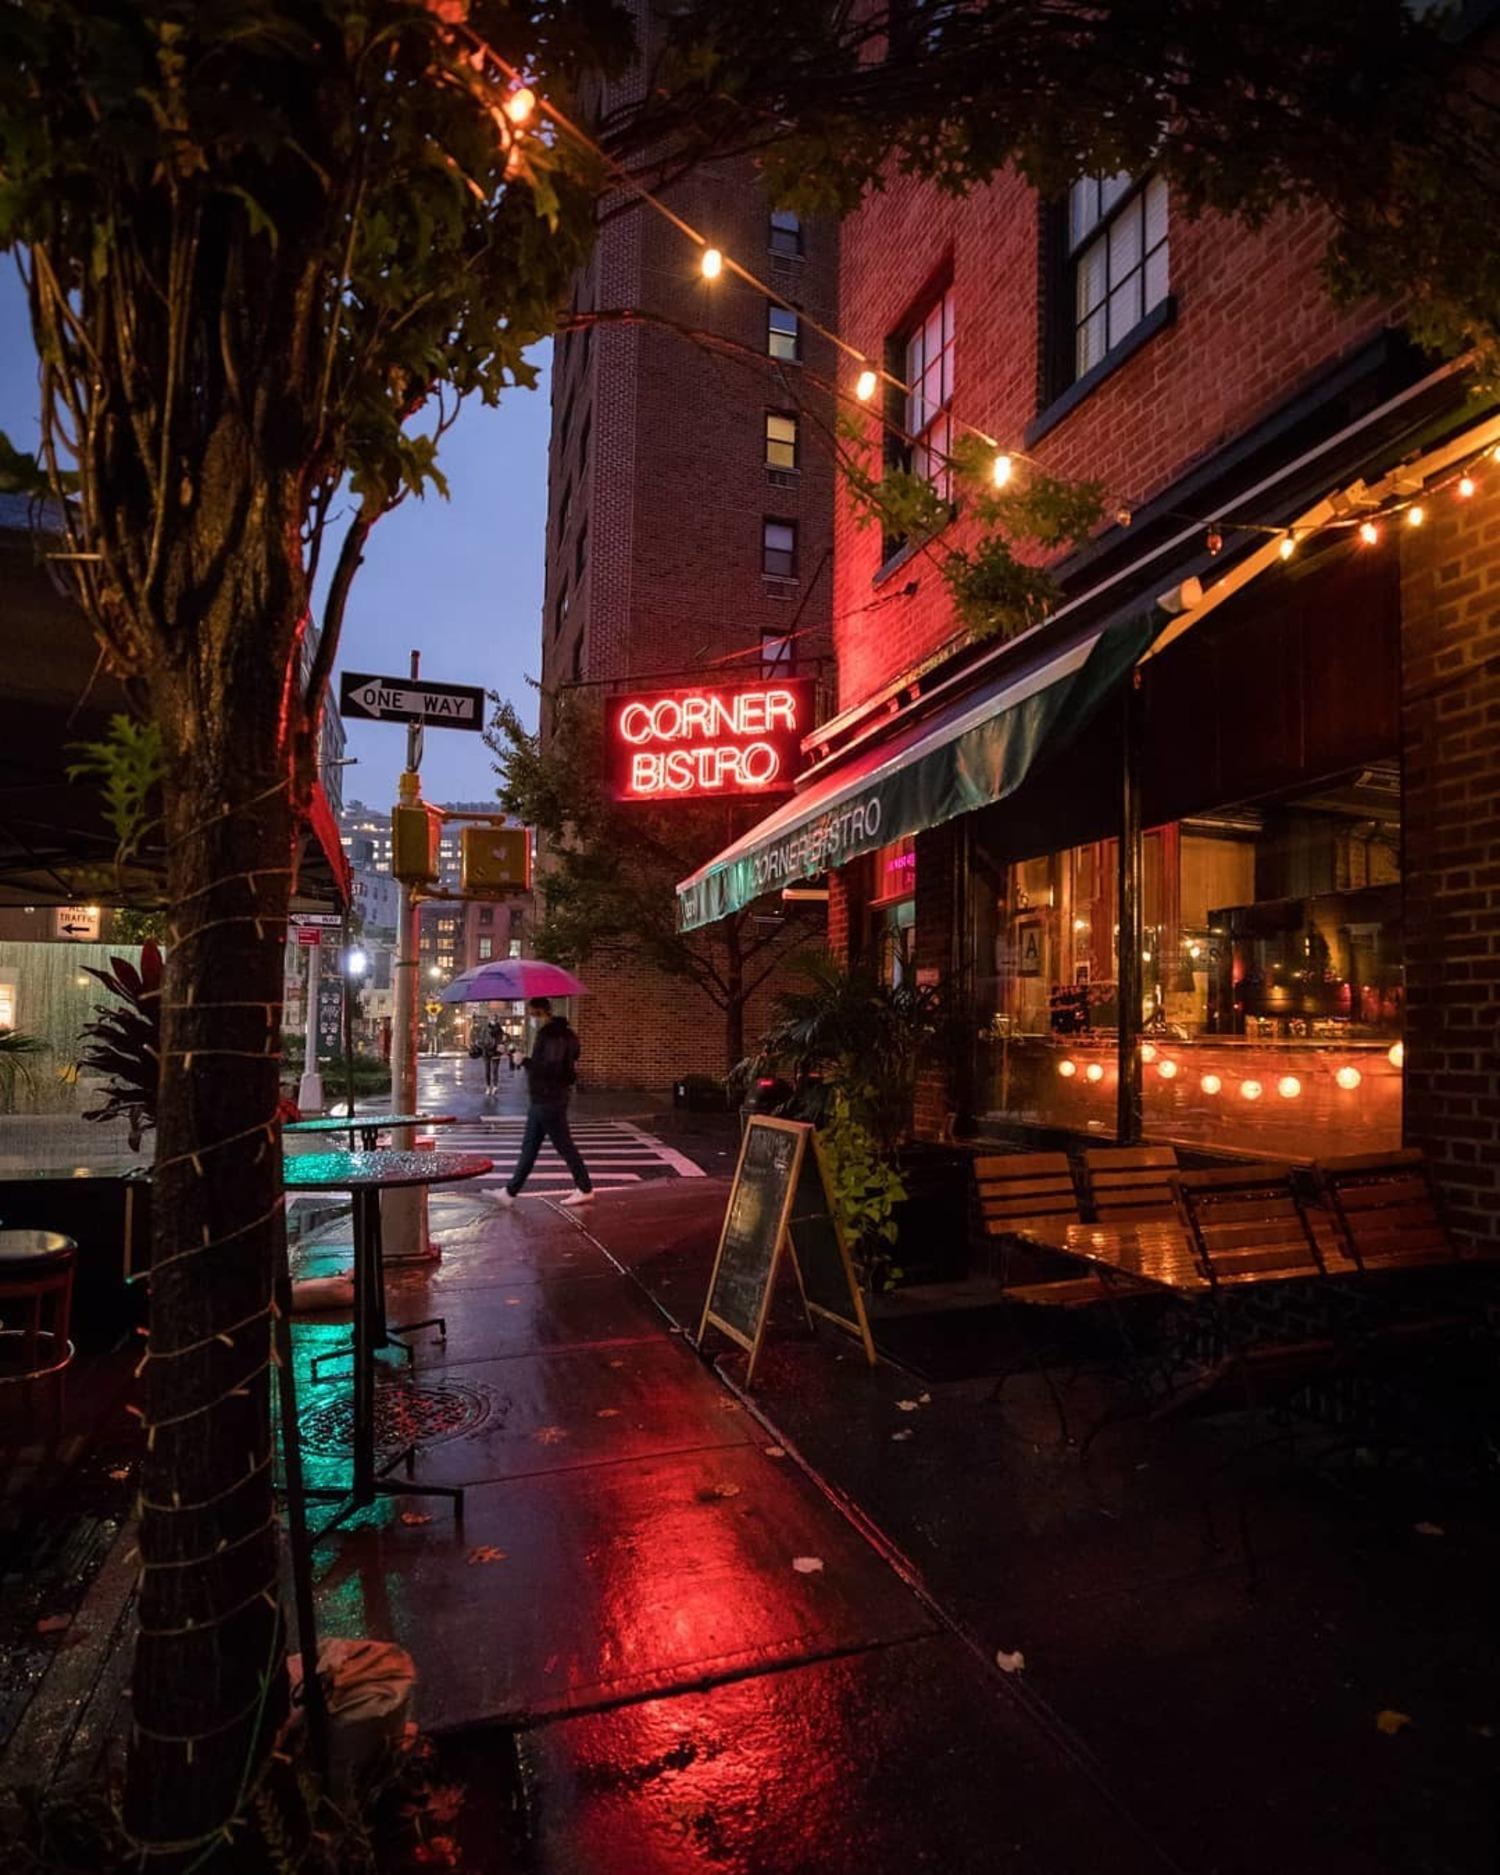 Corner Bistro, West Village, Manhattan